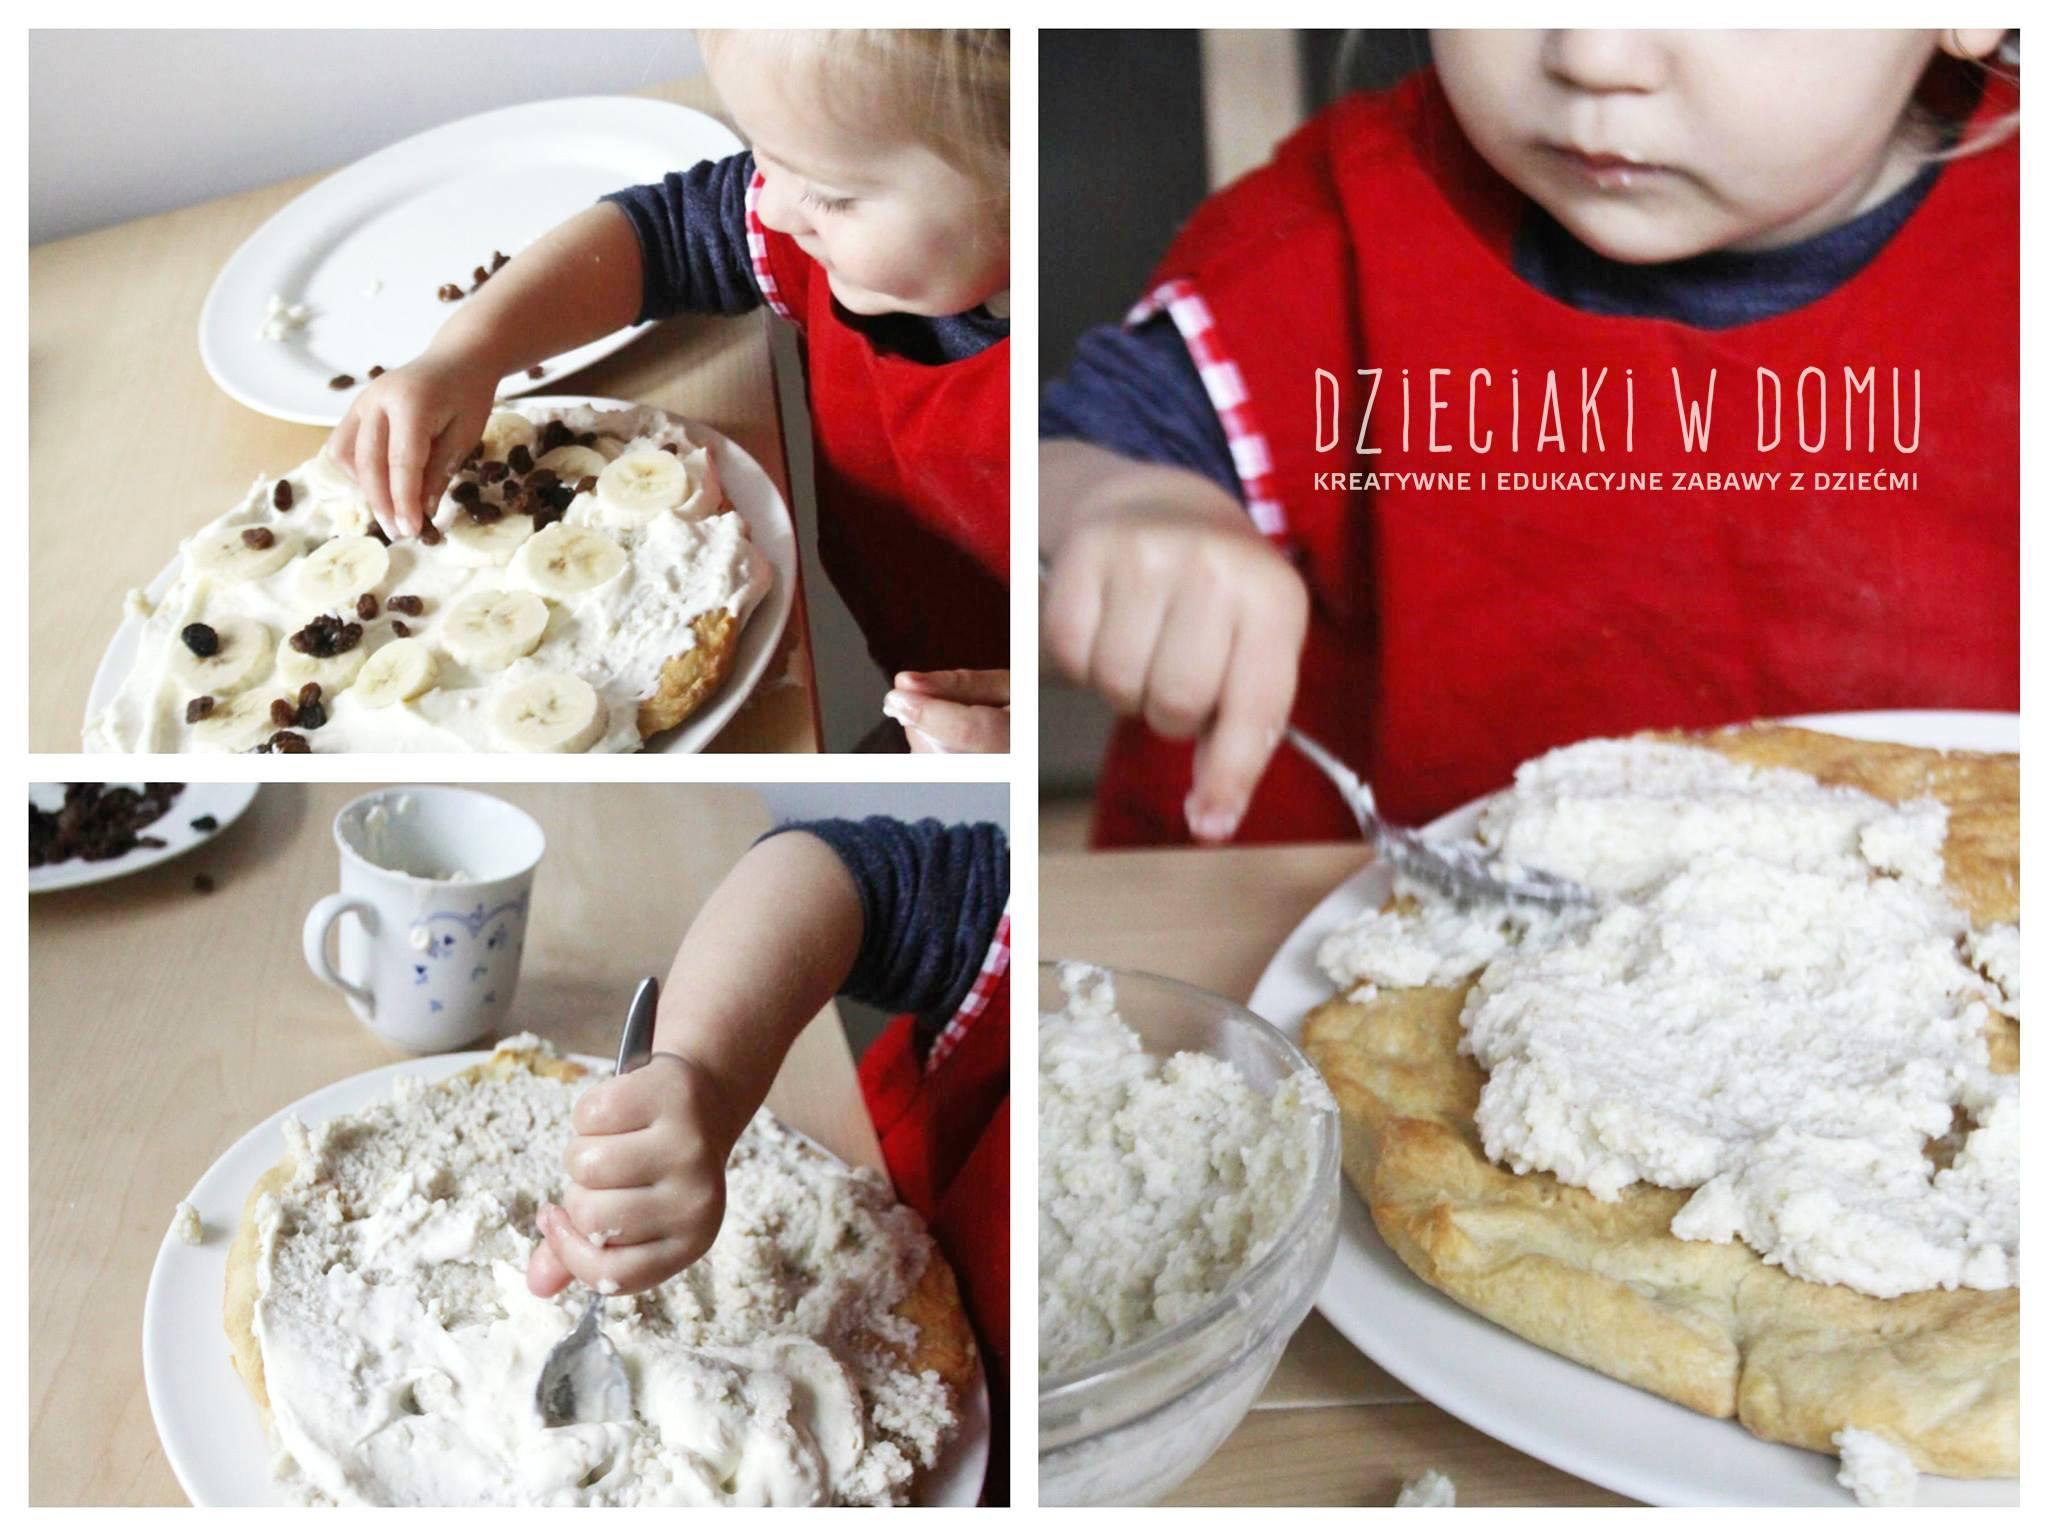 Tarta w wykonaniu dwulatka - kuchnia dla najmłodszych